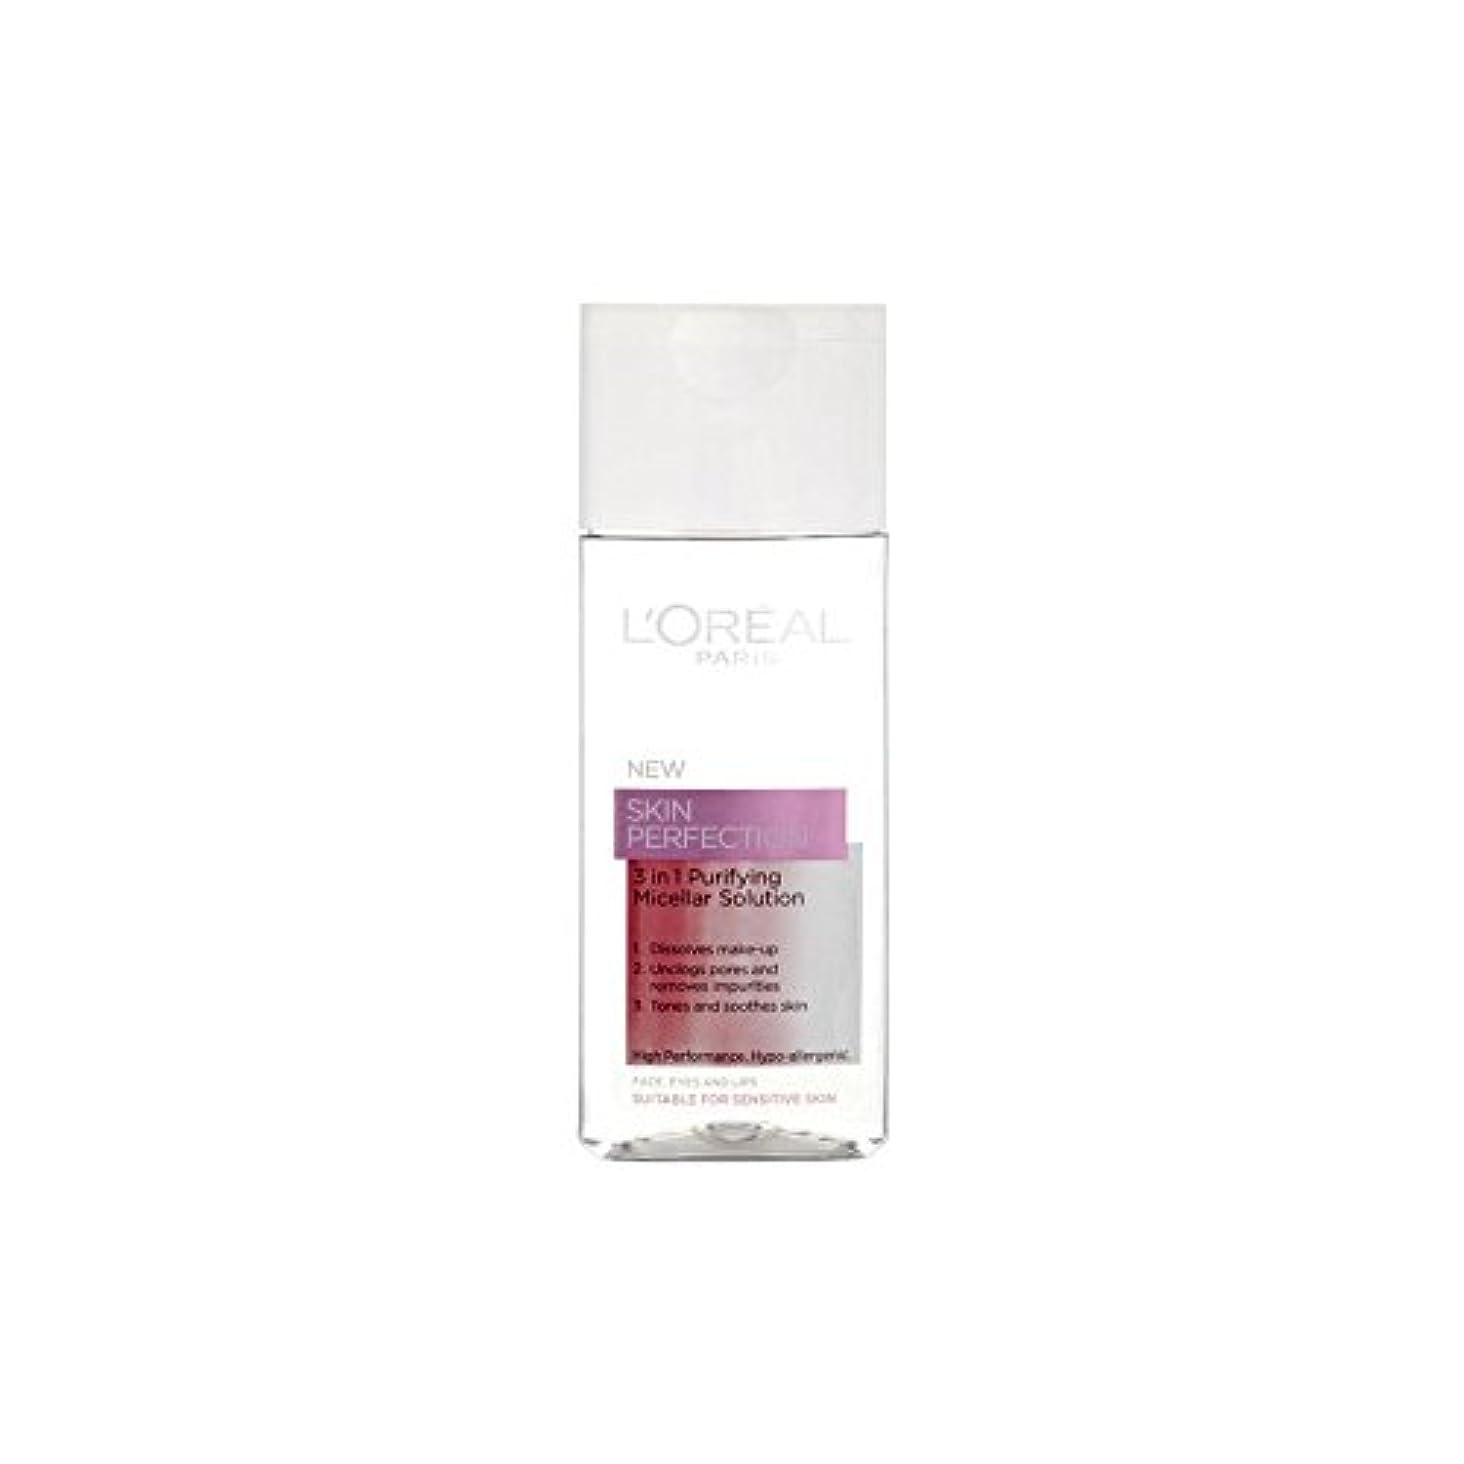 めまいがレモン引き渡すL'Oreal Paris Dermo Expertise Skin Perfection 3 In 1 Purifying Micellar Solution (200ml) - 1つの精製ミセル溶液中ロレアルパリ?ダーモ...